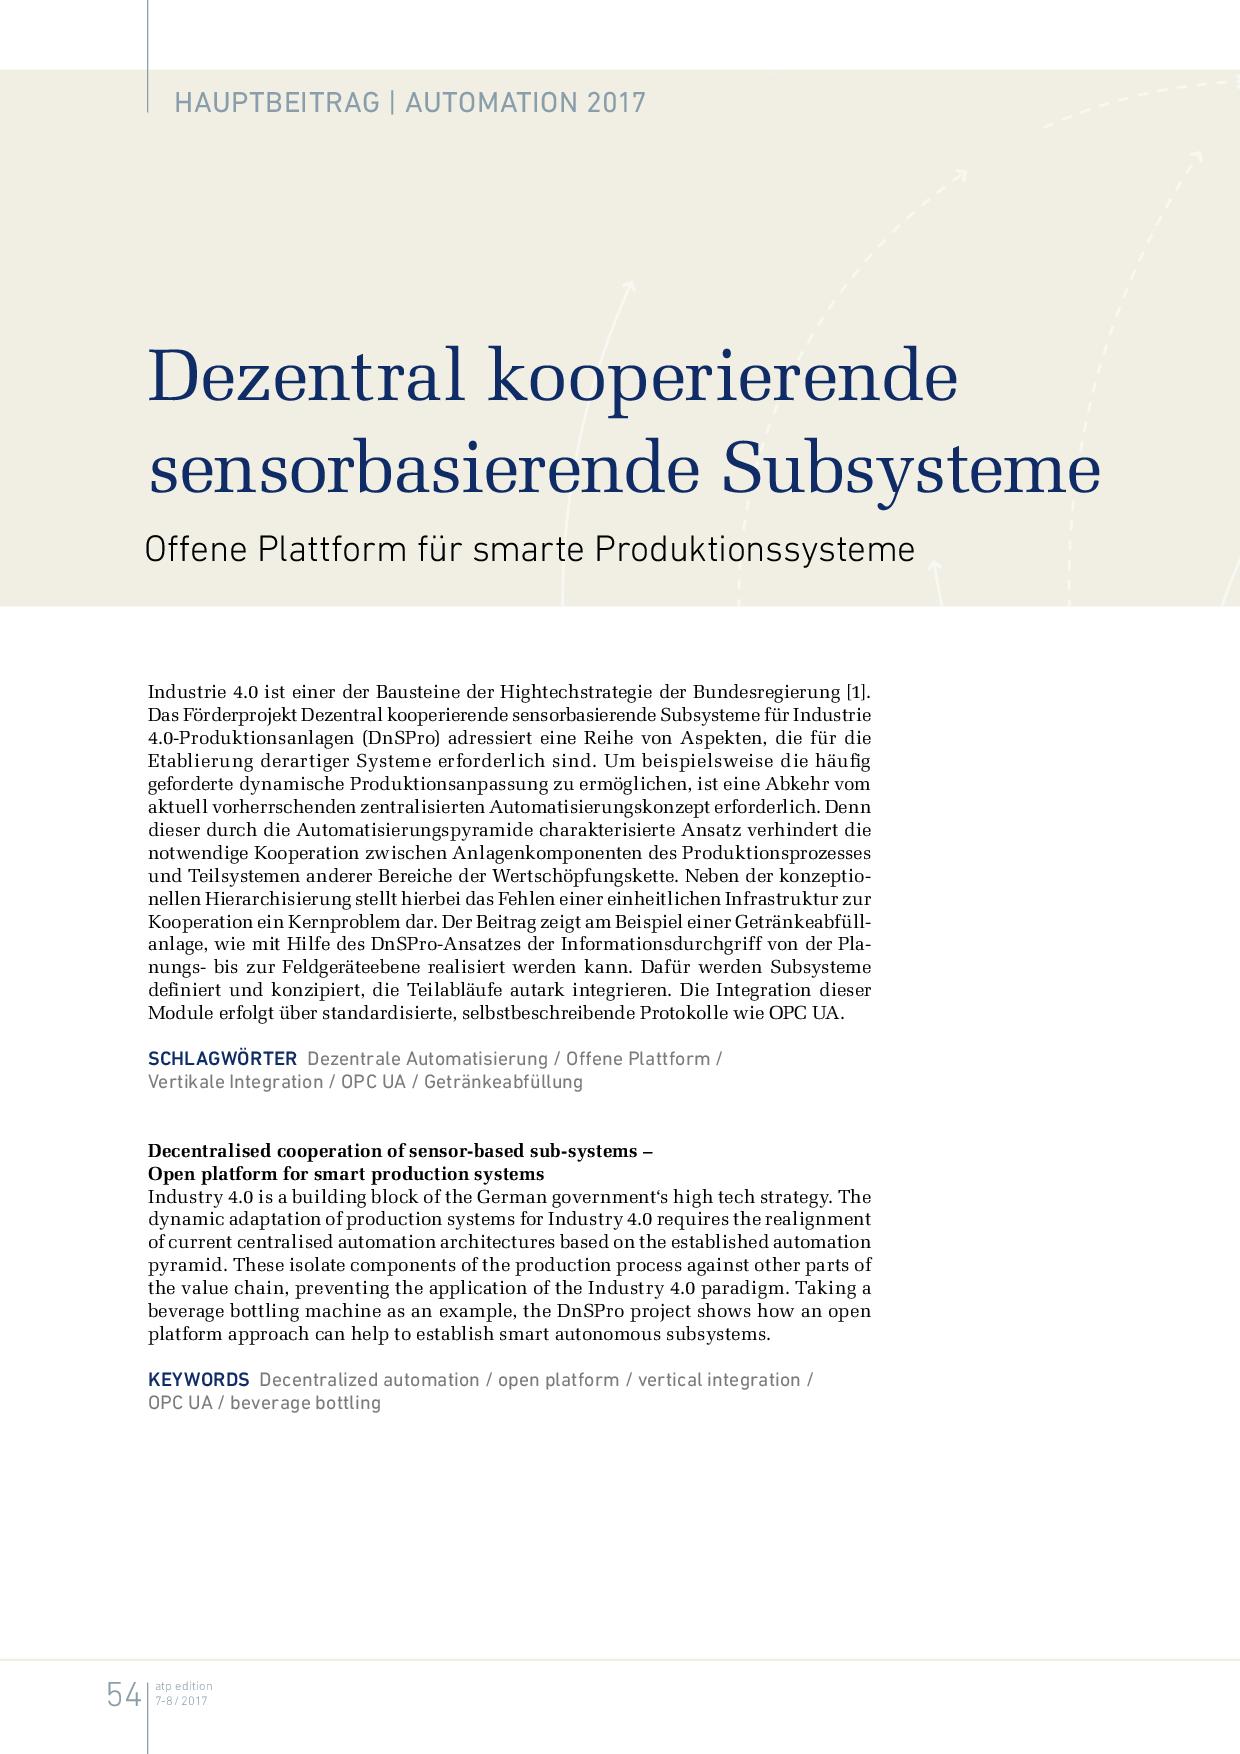 Dezentral kooperierende sensorbasierende Subsysteme